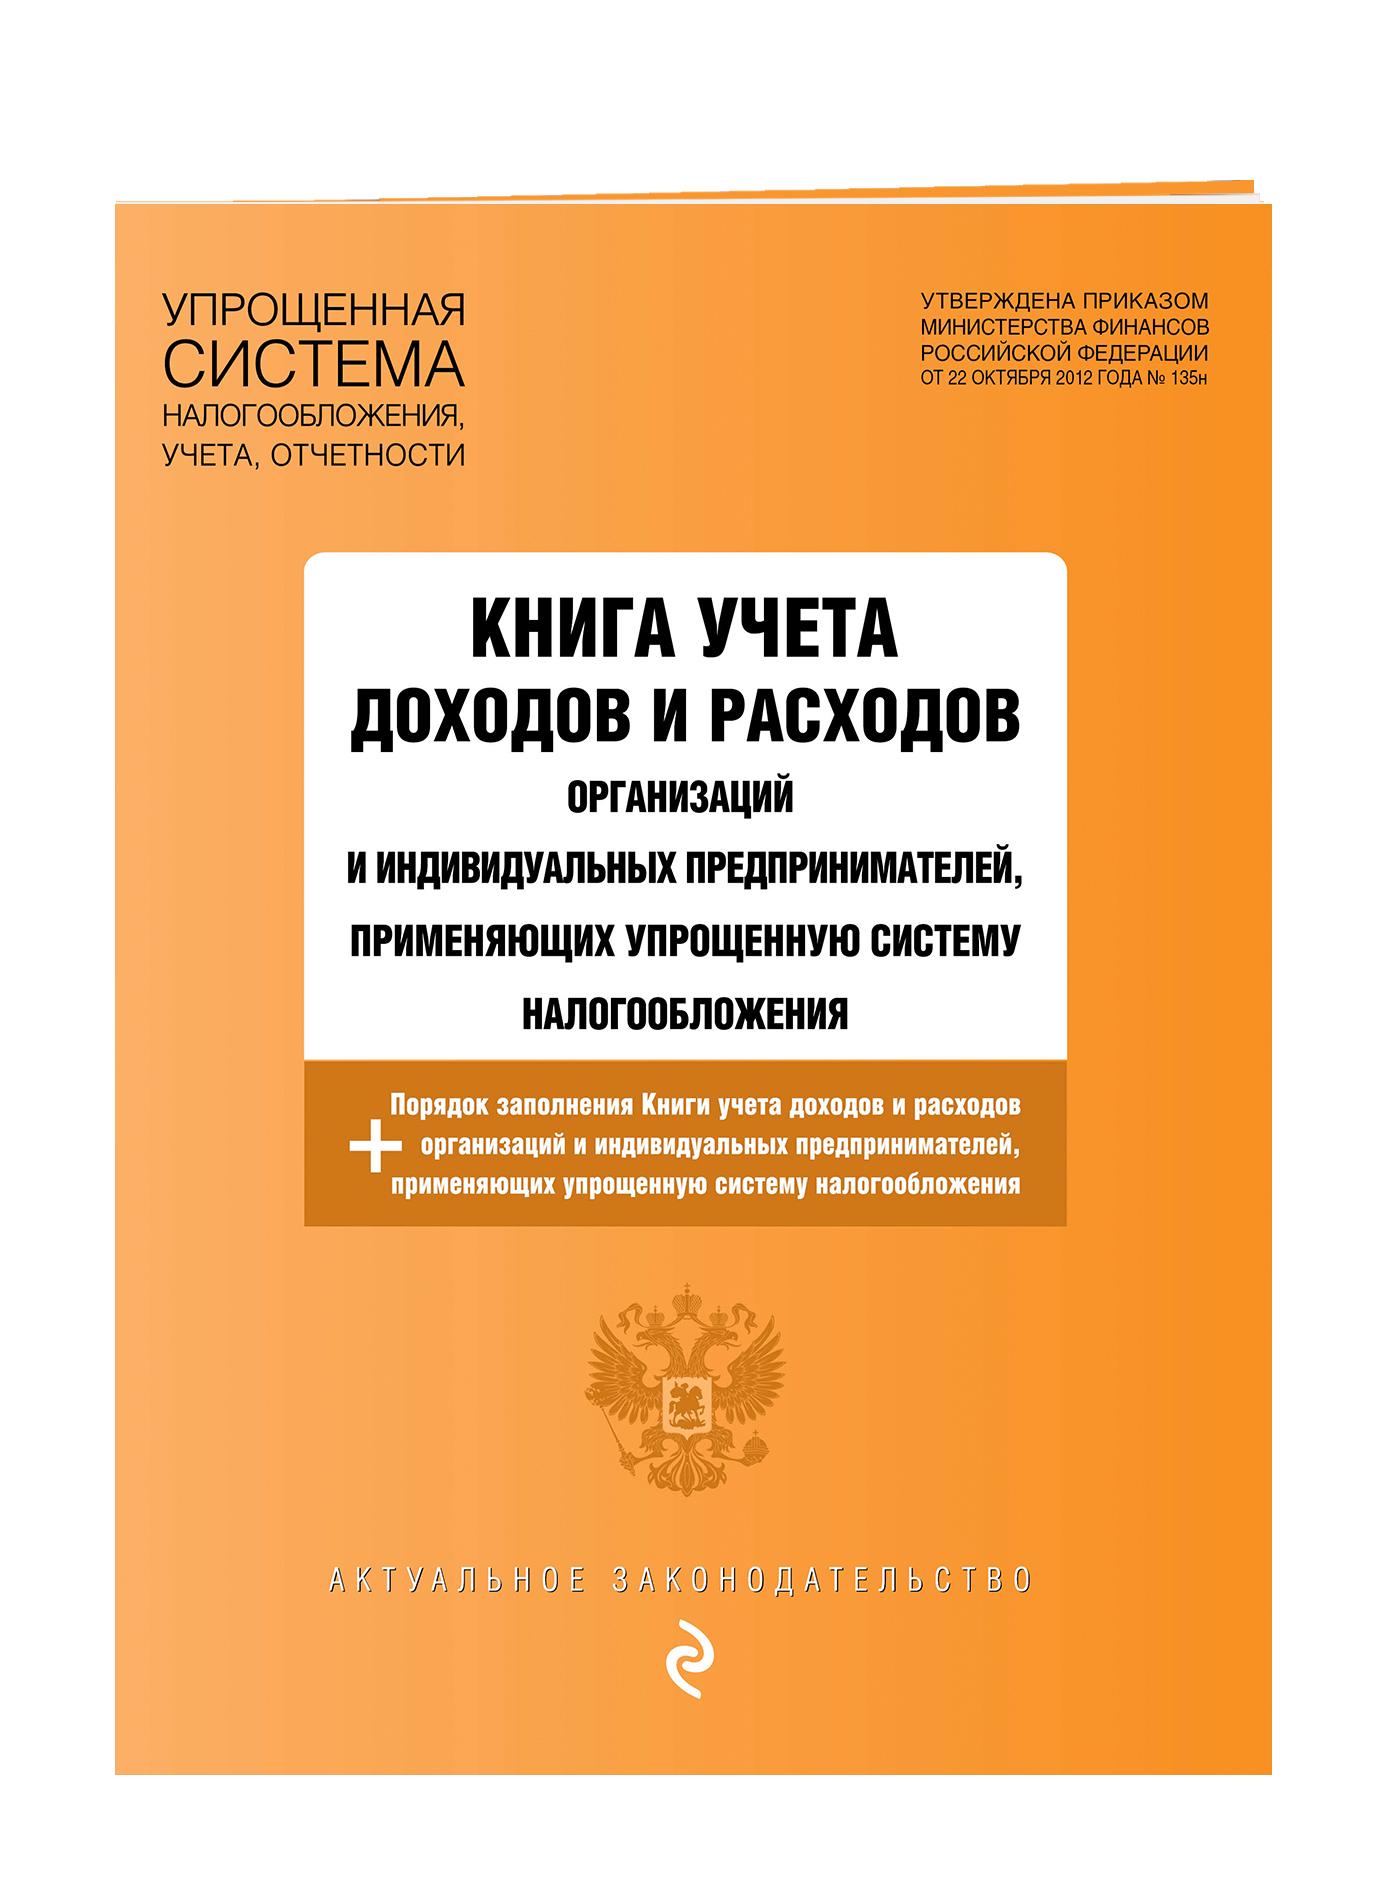 Книга учета доходов и расходов организаций и индивидуальных предпринимателей, применяющих упрощенную систему налогообложения с изм. и доп. на 2020 г.